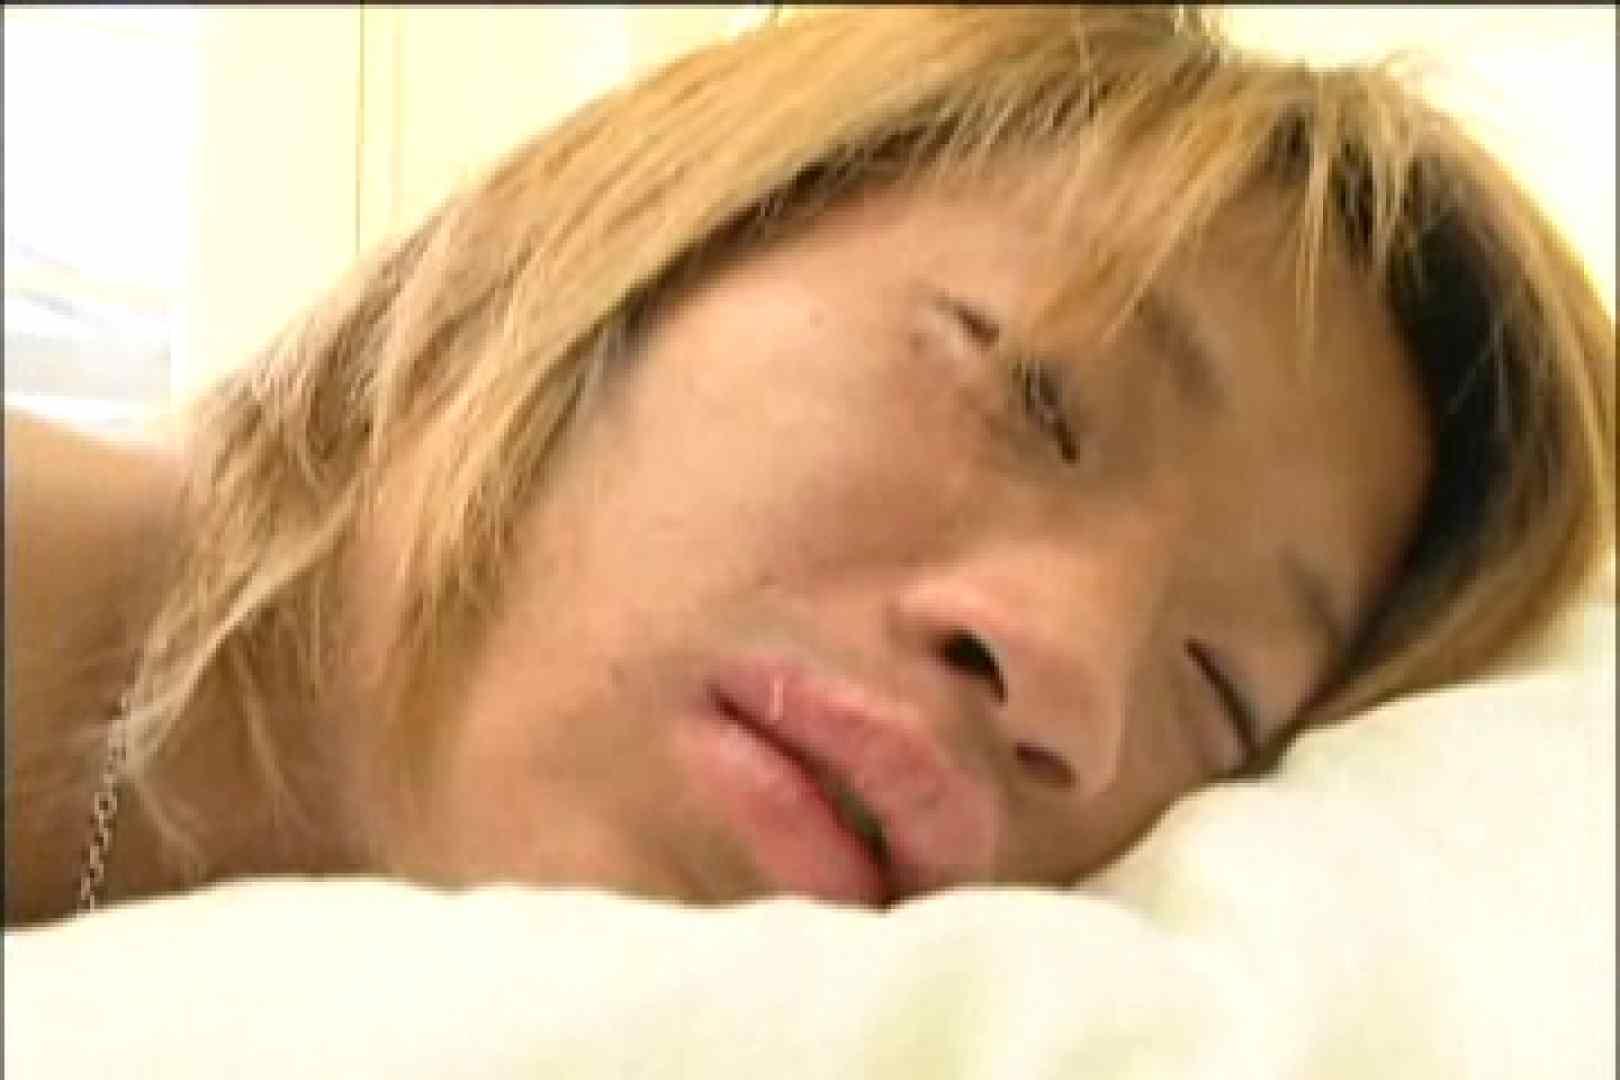 イケメン☆パラダイス〜男ざかりの君たちへ〜vol.12 エロすぎフェラ   男同士  12枚 11